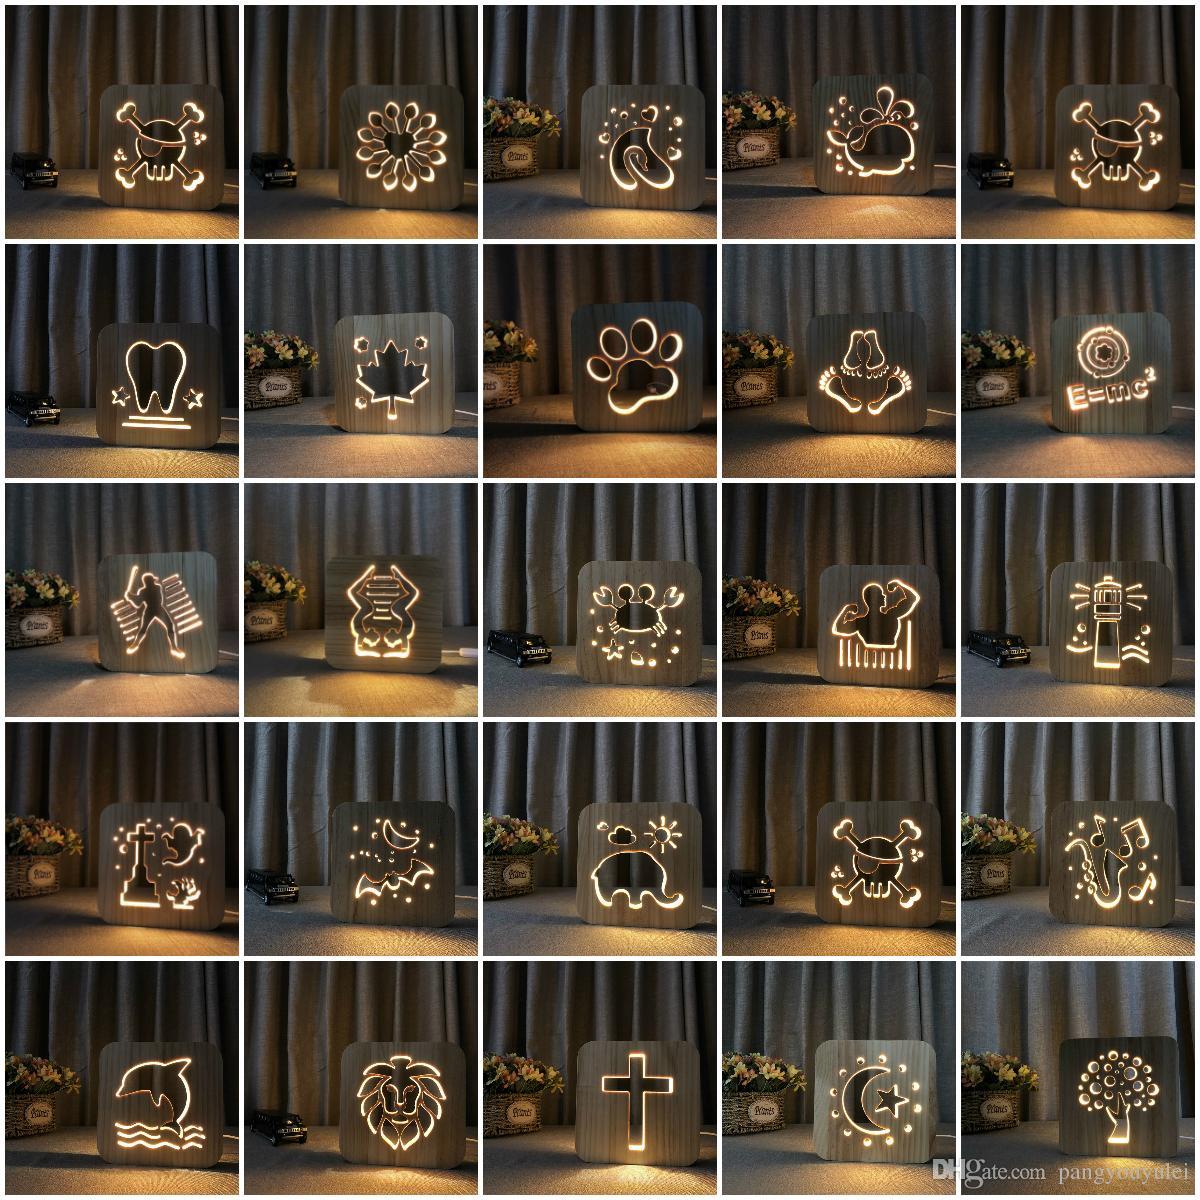 lion LED 3D veilleuse Lampe Veilleuse En Bois USB Alimentation Maison Chambre Table Bureau Décoration Lampe En Bois 3D Sculpture Motif LED Veilleuse